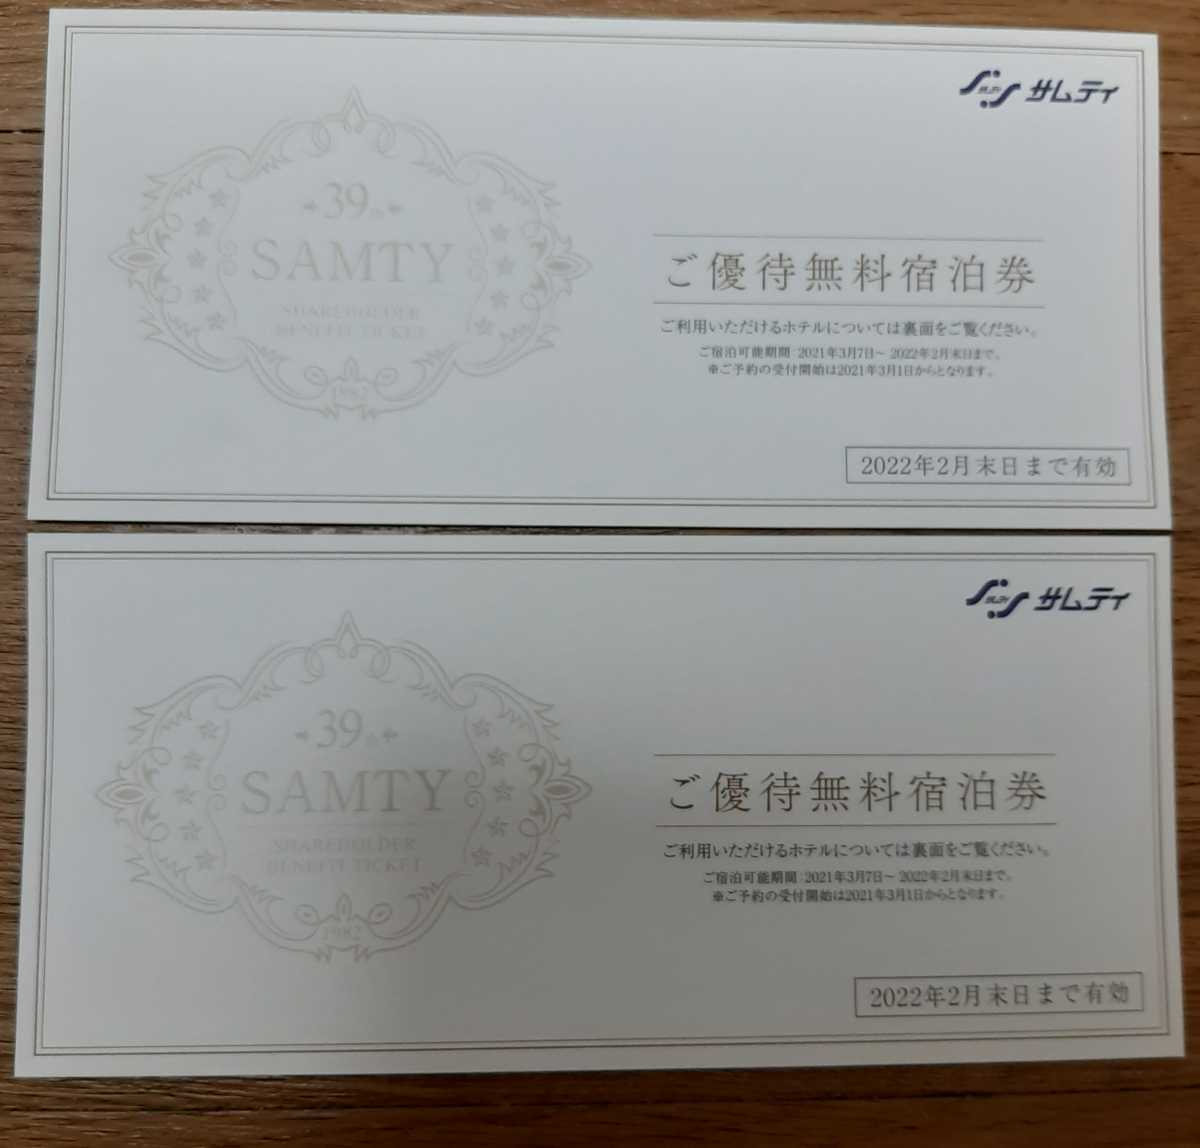 サムティ株主優待無料宿泊券 2枚セット 2022年2月末まで _画像1